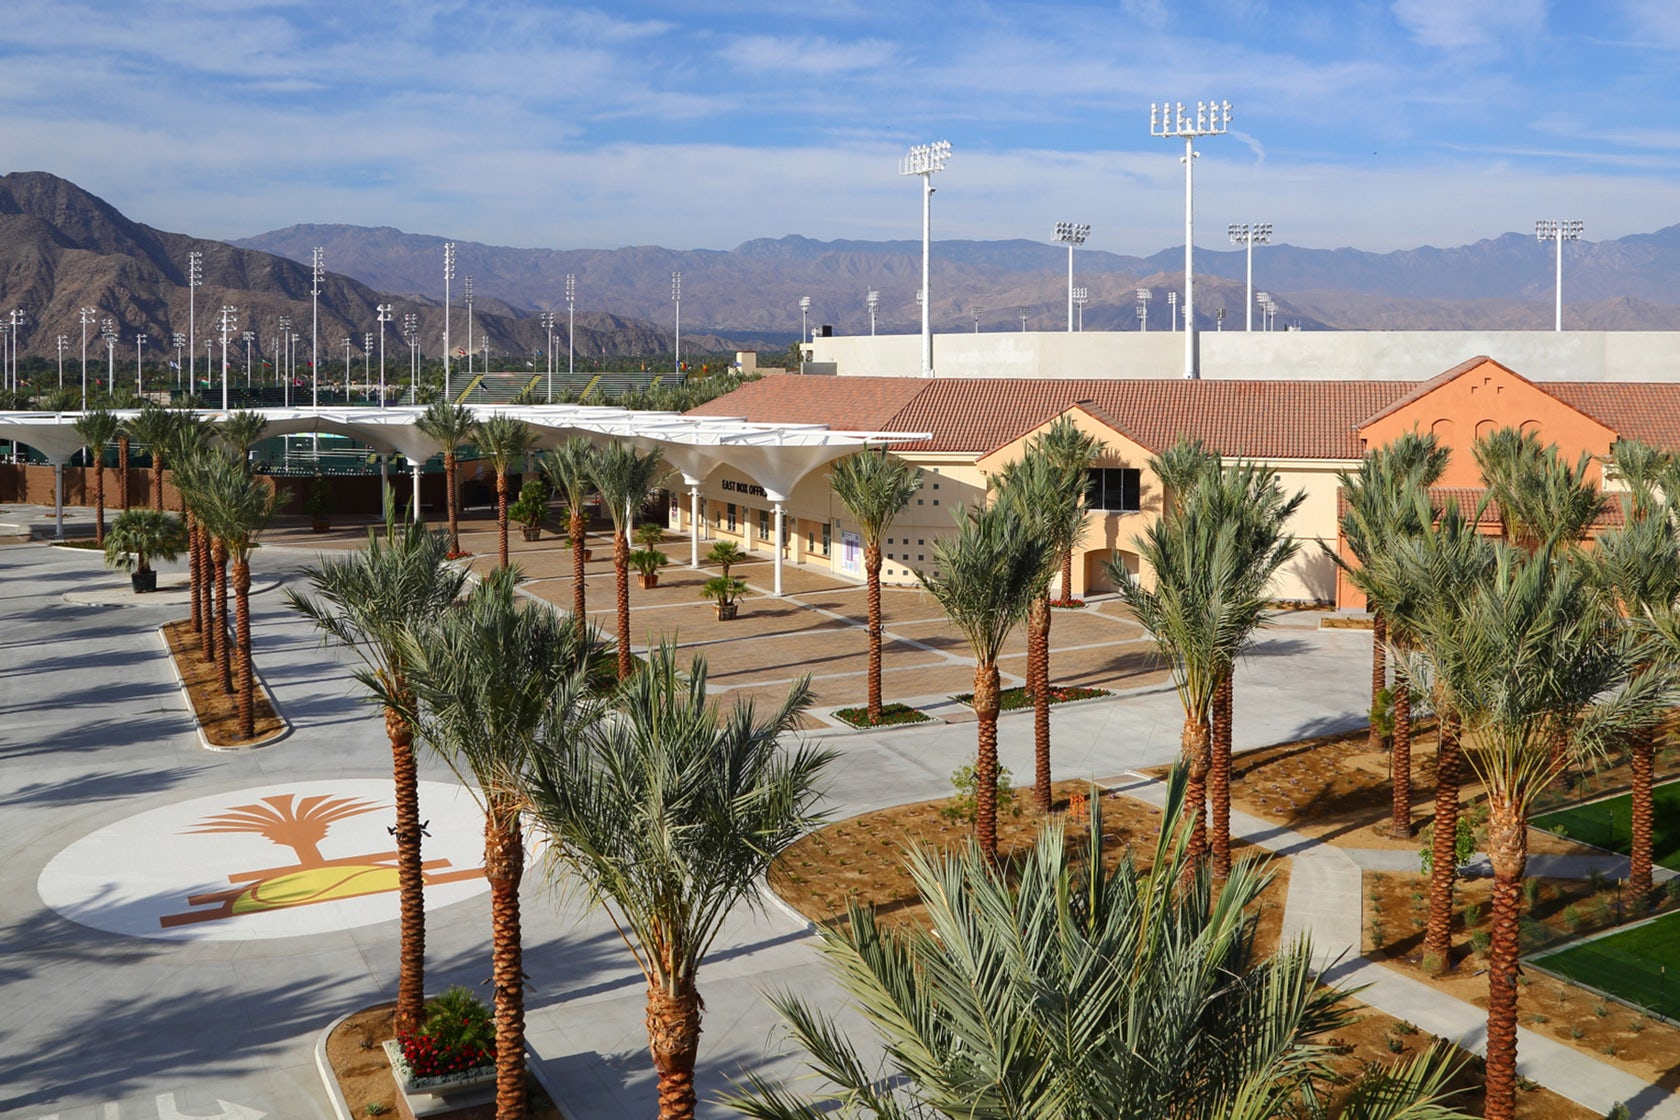 Indian wells tennis garden stadium 2 architizer - Palm beach gardens tennis center ...